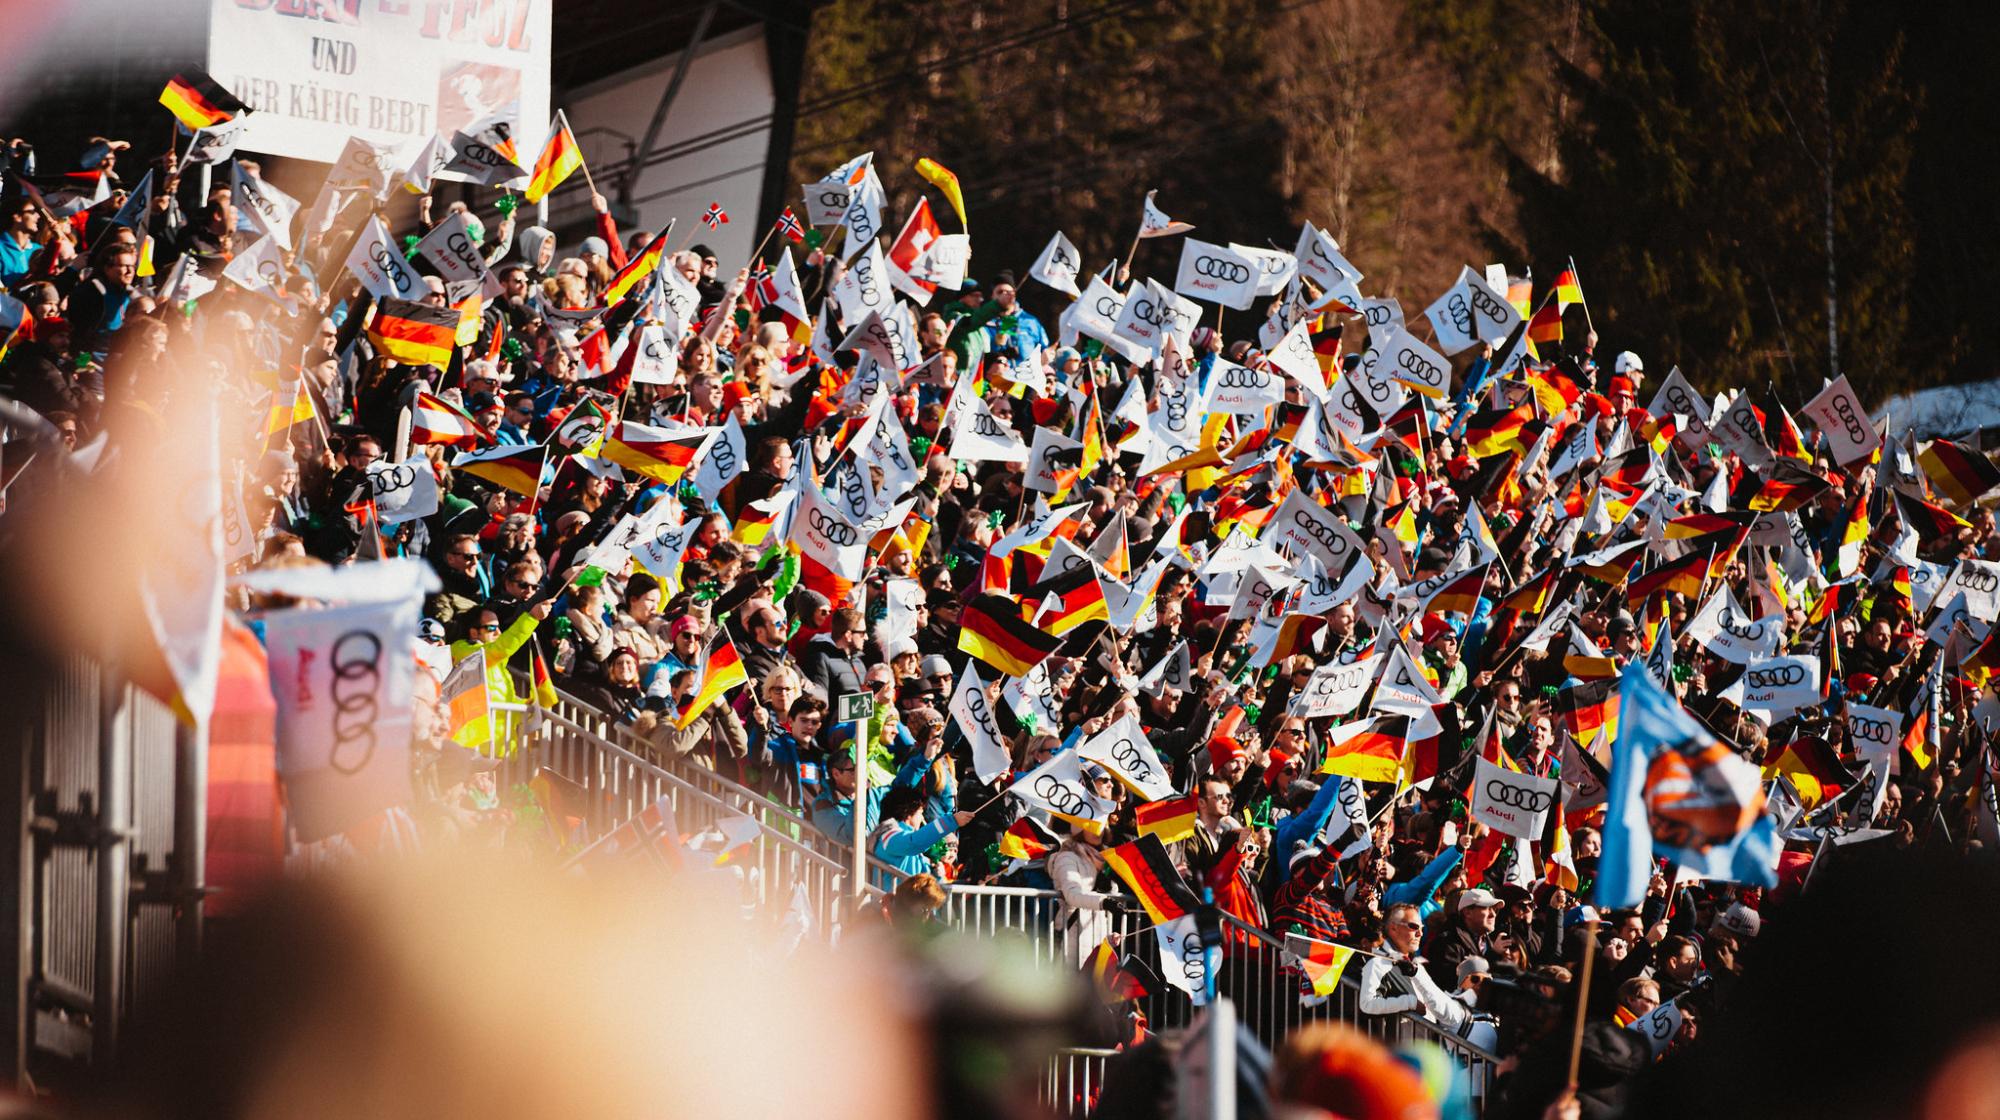 Publikum beim Weltcup in Garmisch-Partenkirchen